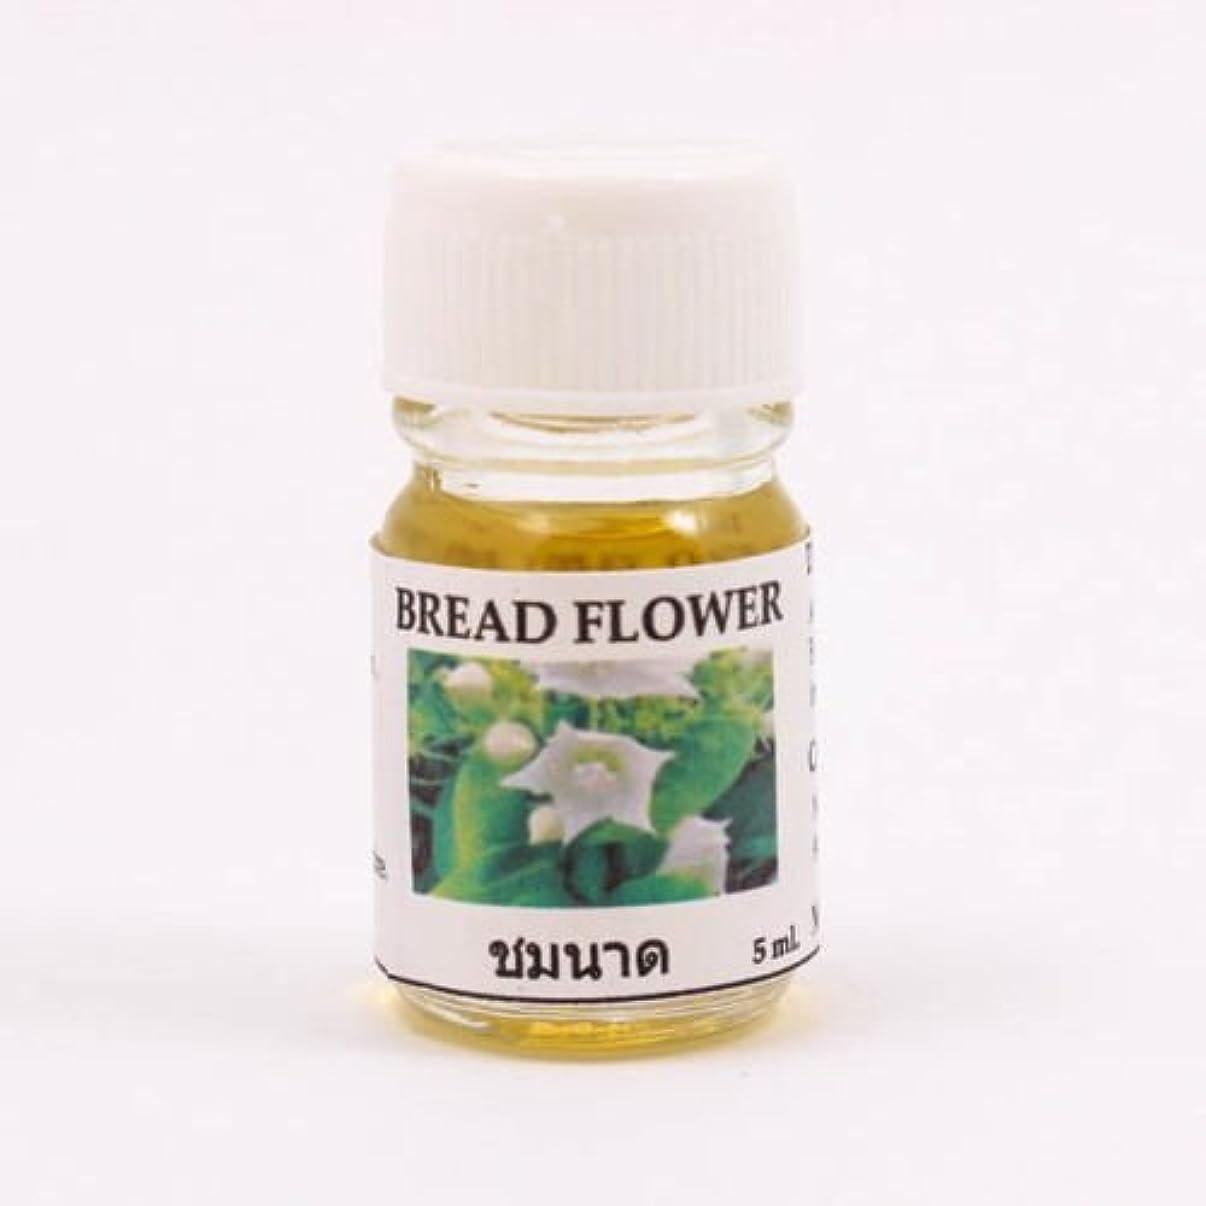 うめき声葉っぱなんでも6X Bread Flower Fragrance Essential Oil 5ML. (cc) Diffuser Burner Therapy